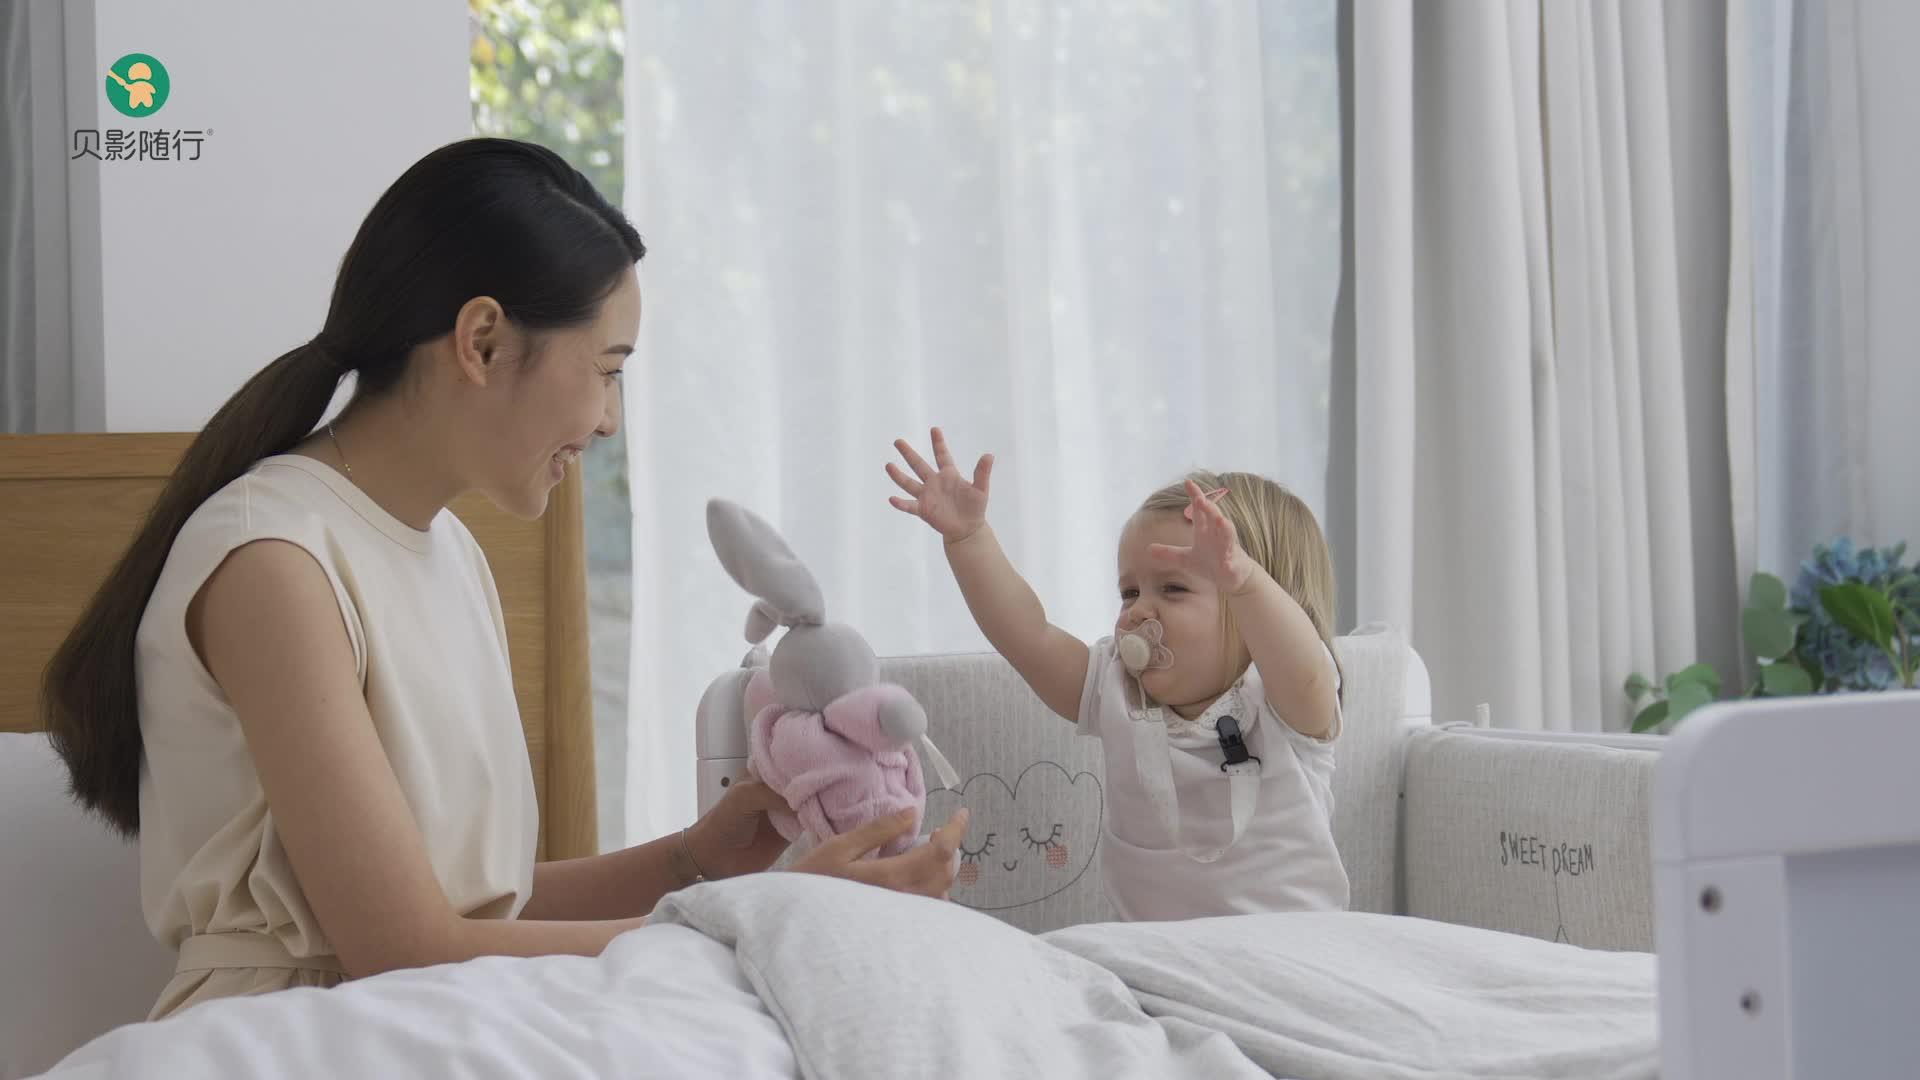 影视广告片-贝影随行儿童床